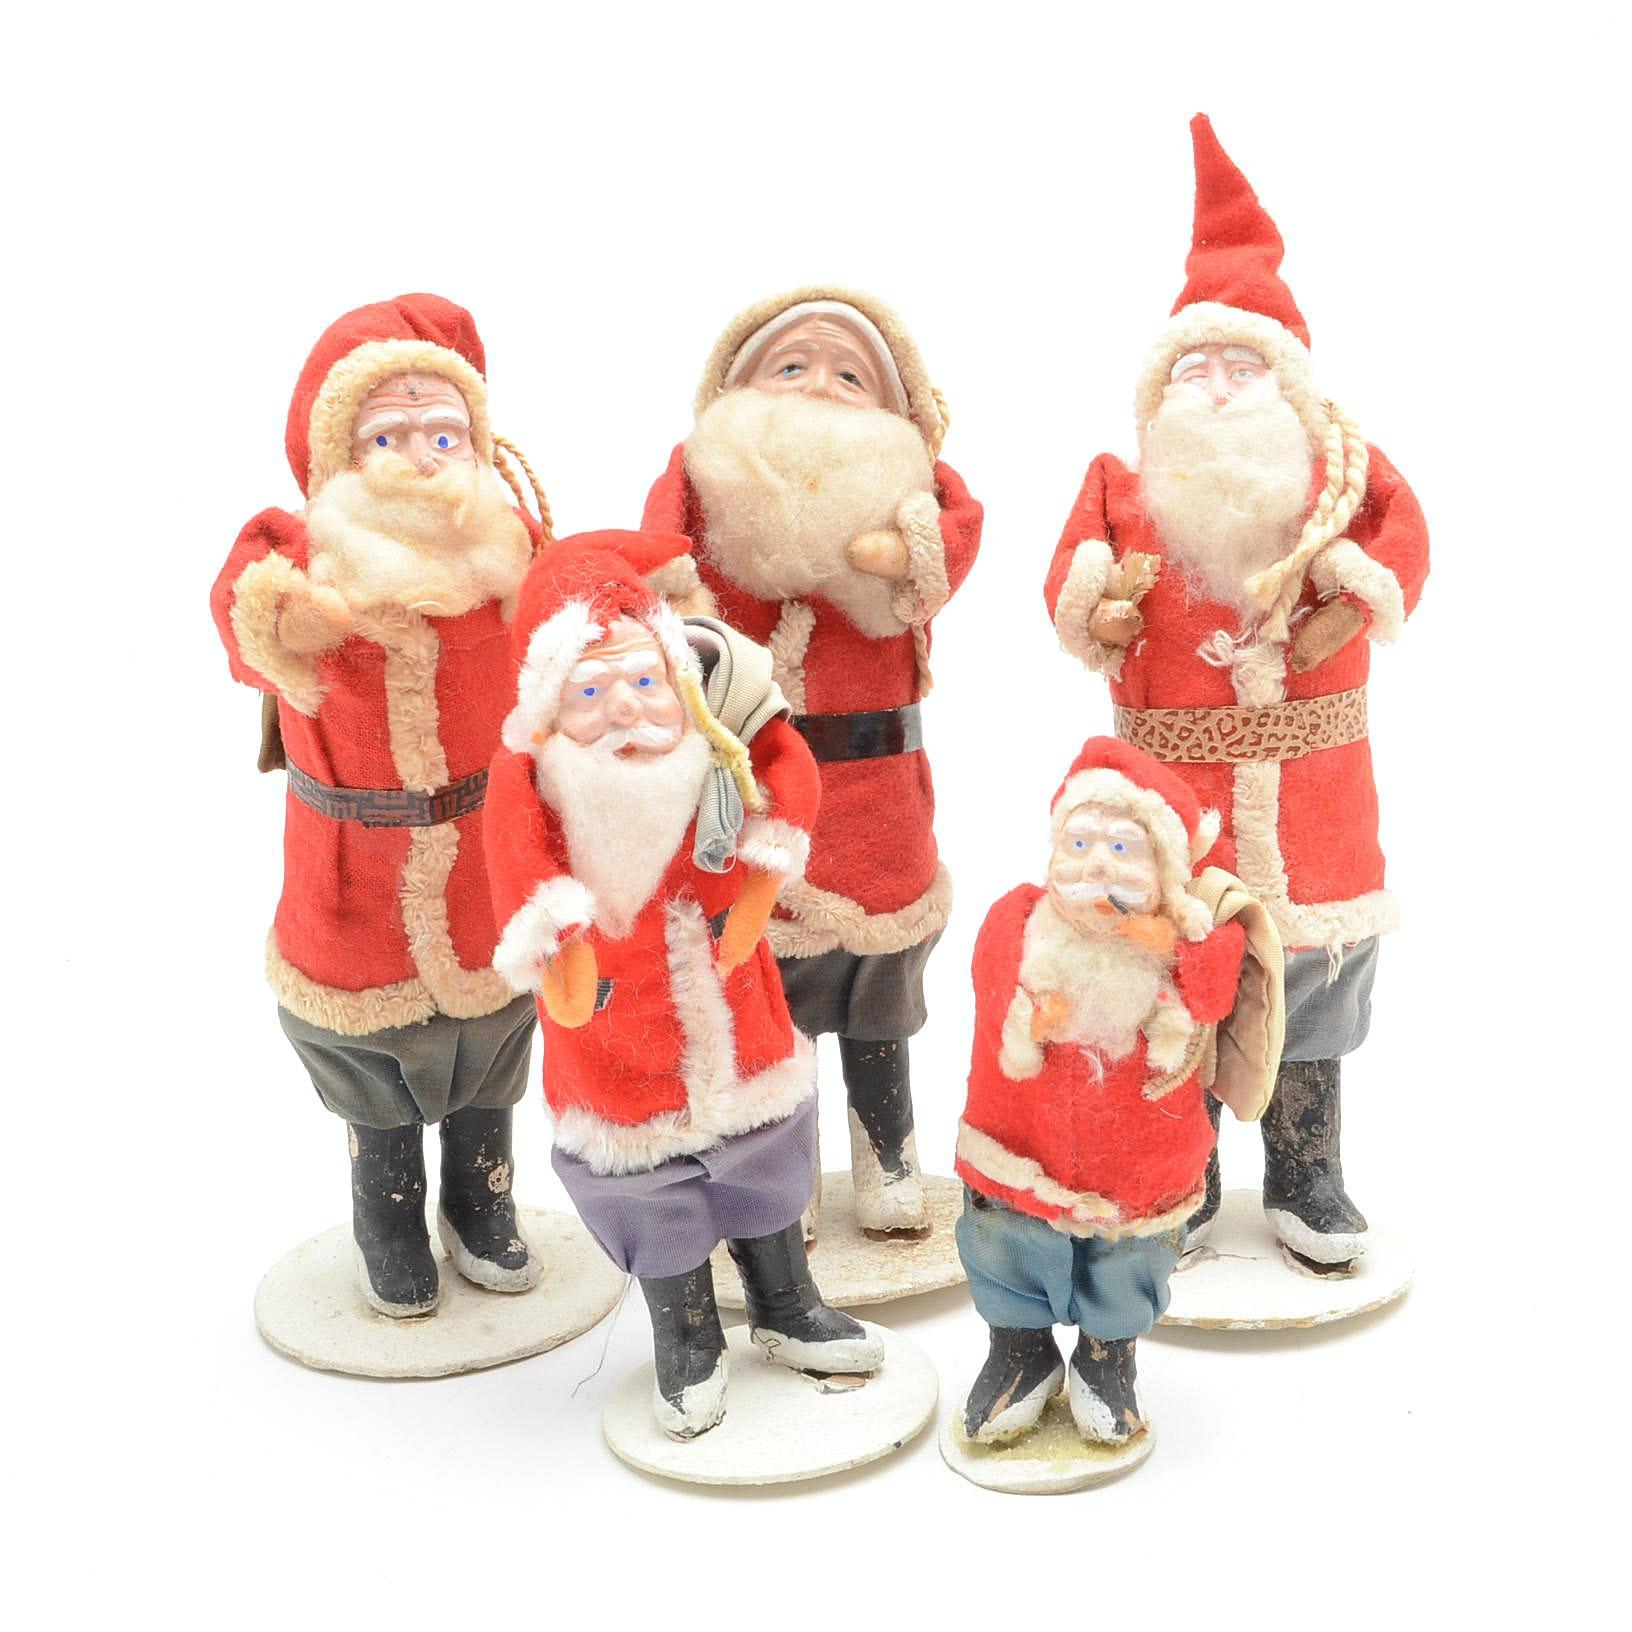 Vintage Japanese Papier-Mâché Santa Claus Figurines